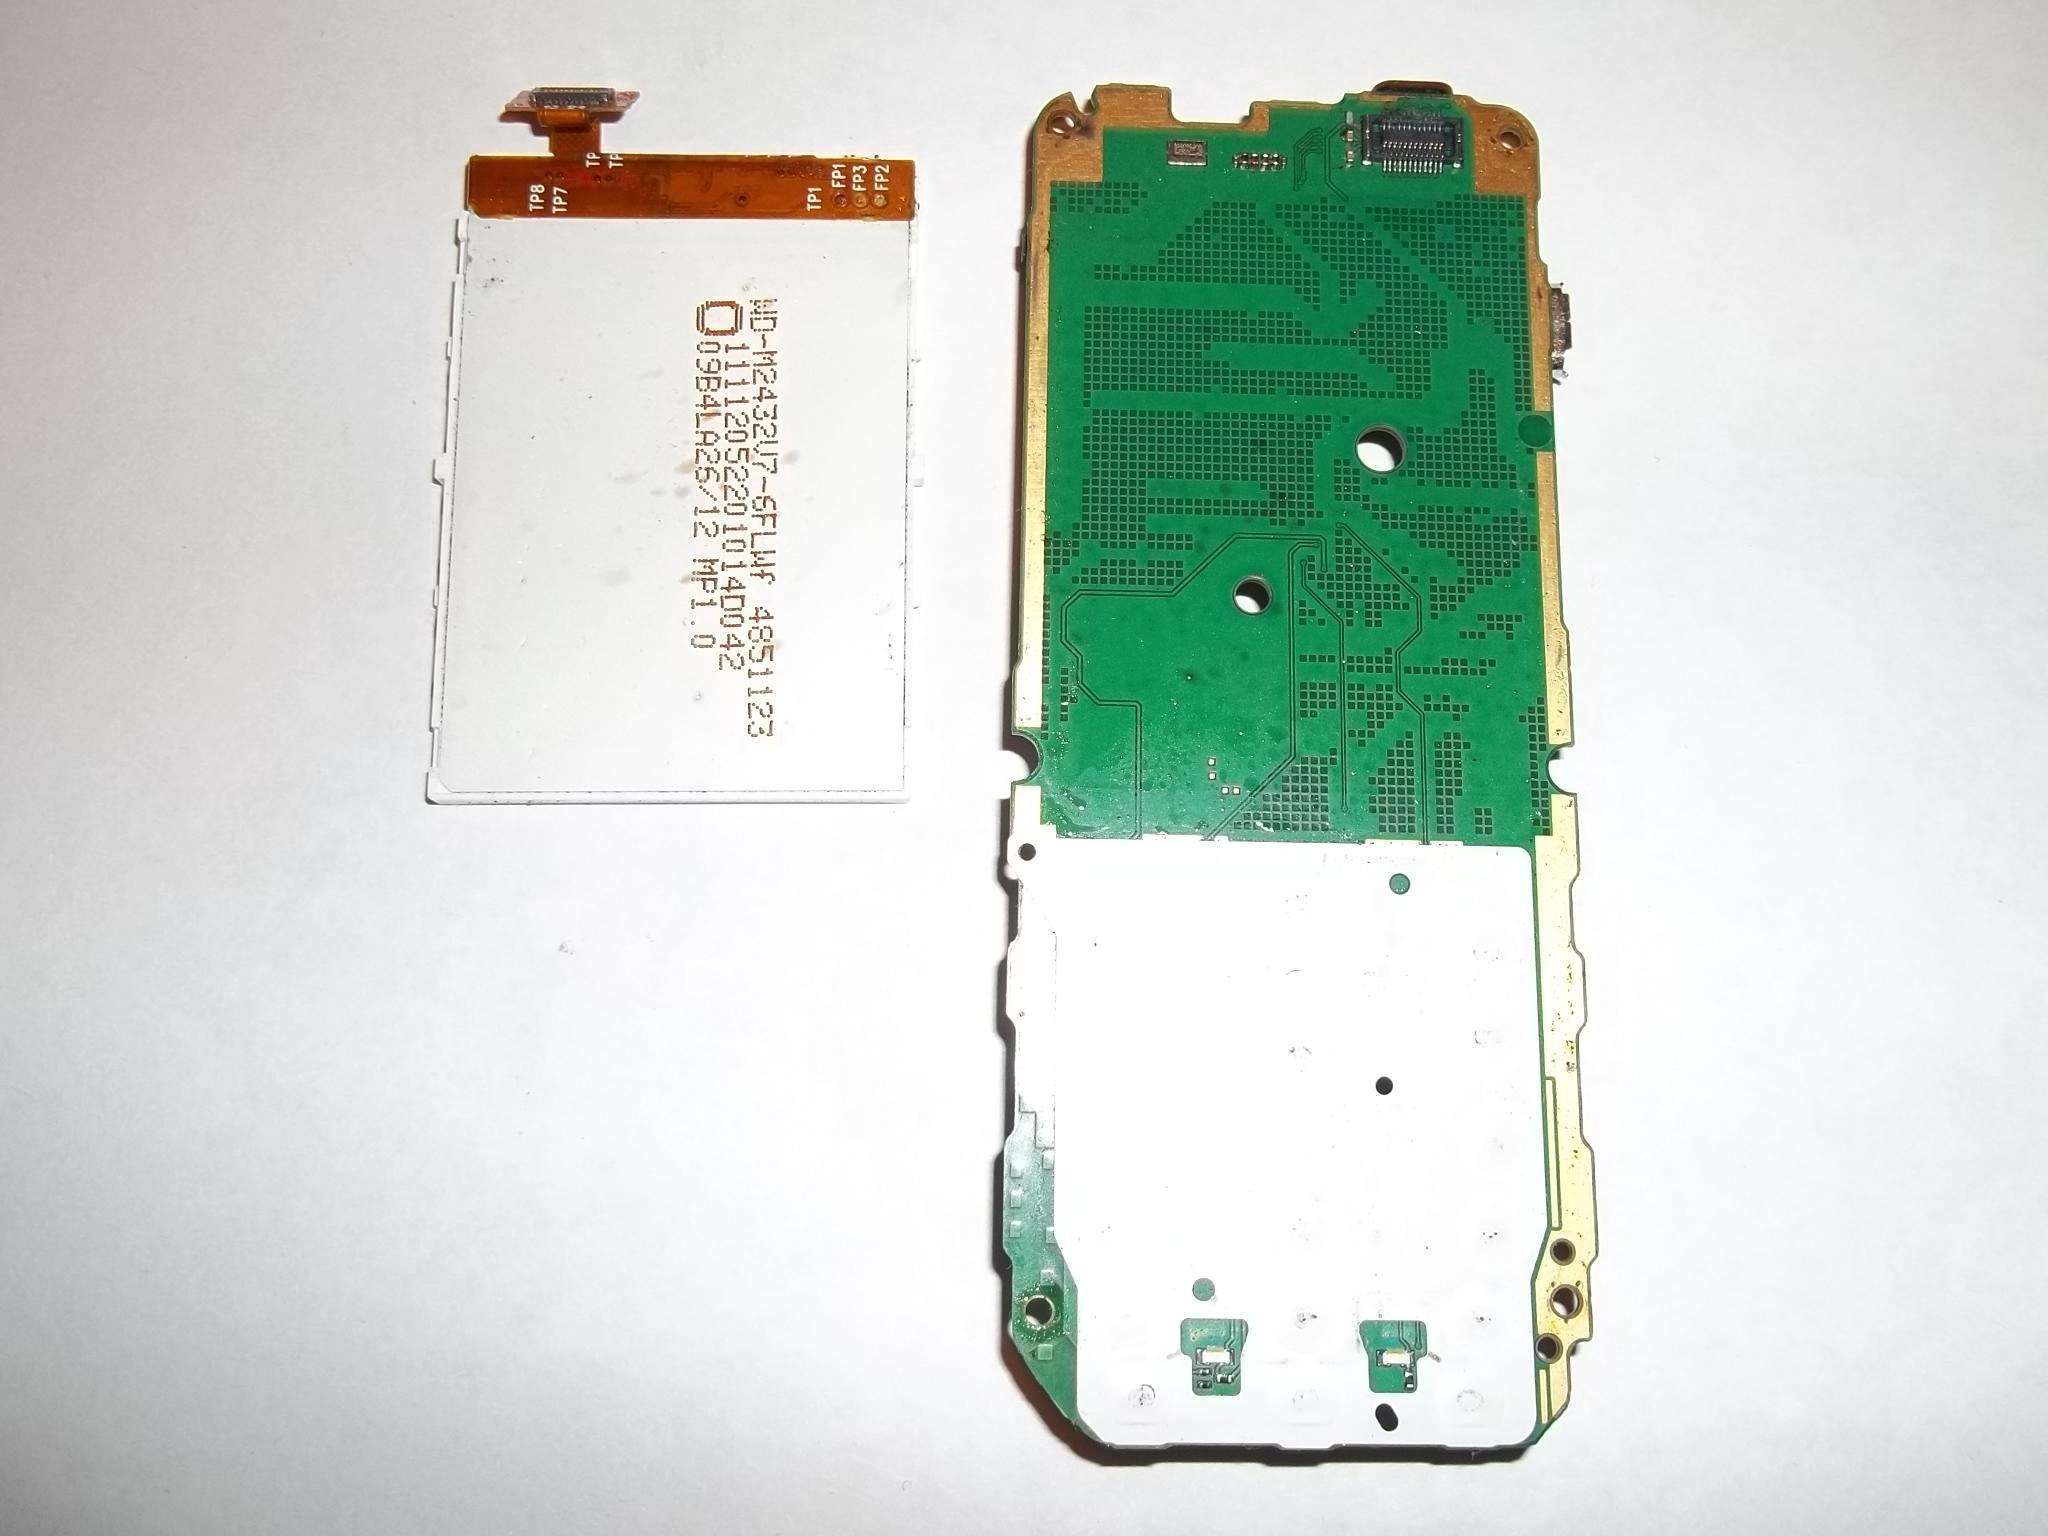 Nokia C2 01 Circuit Diagram Of